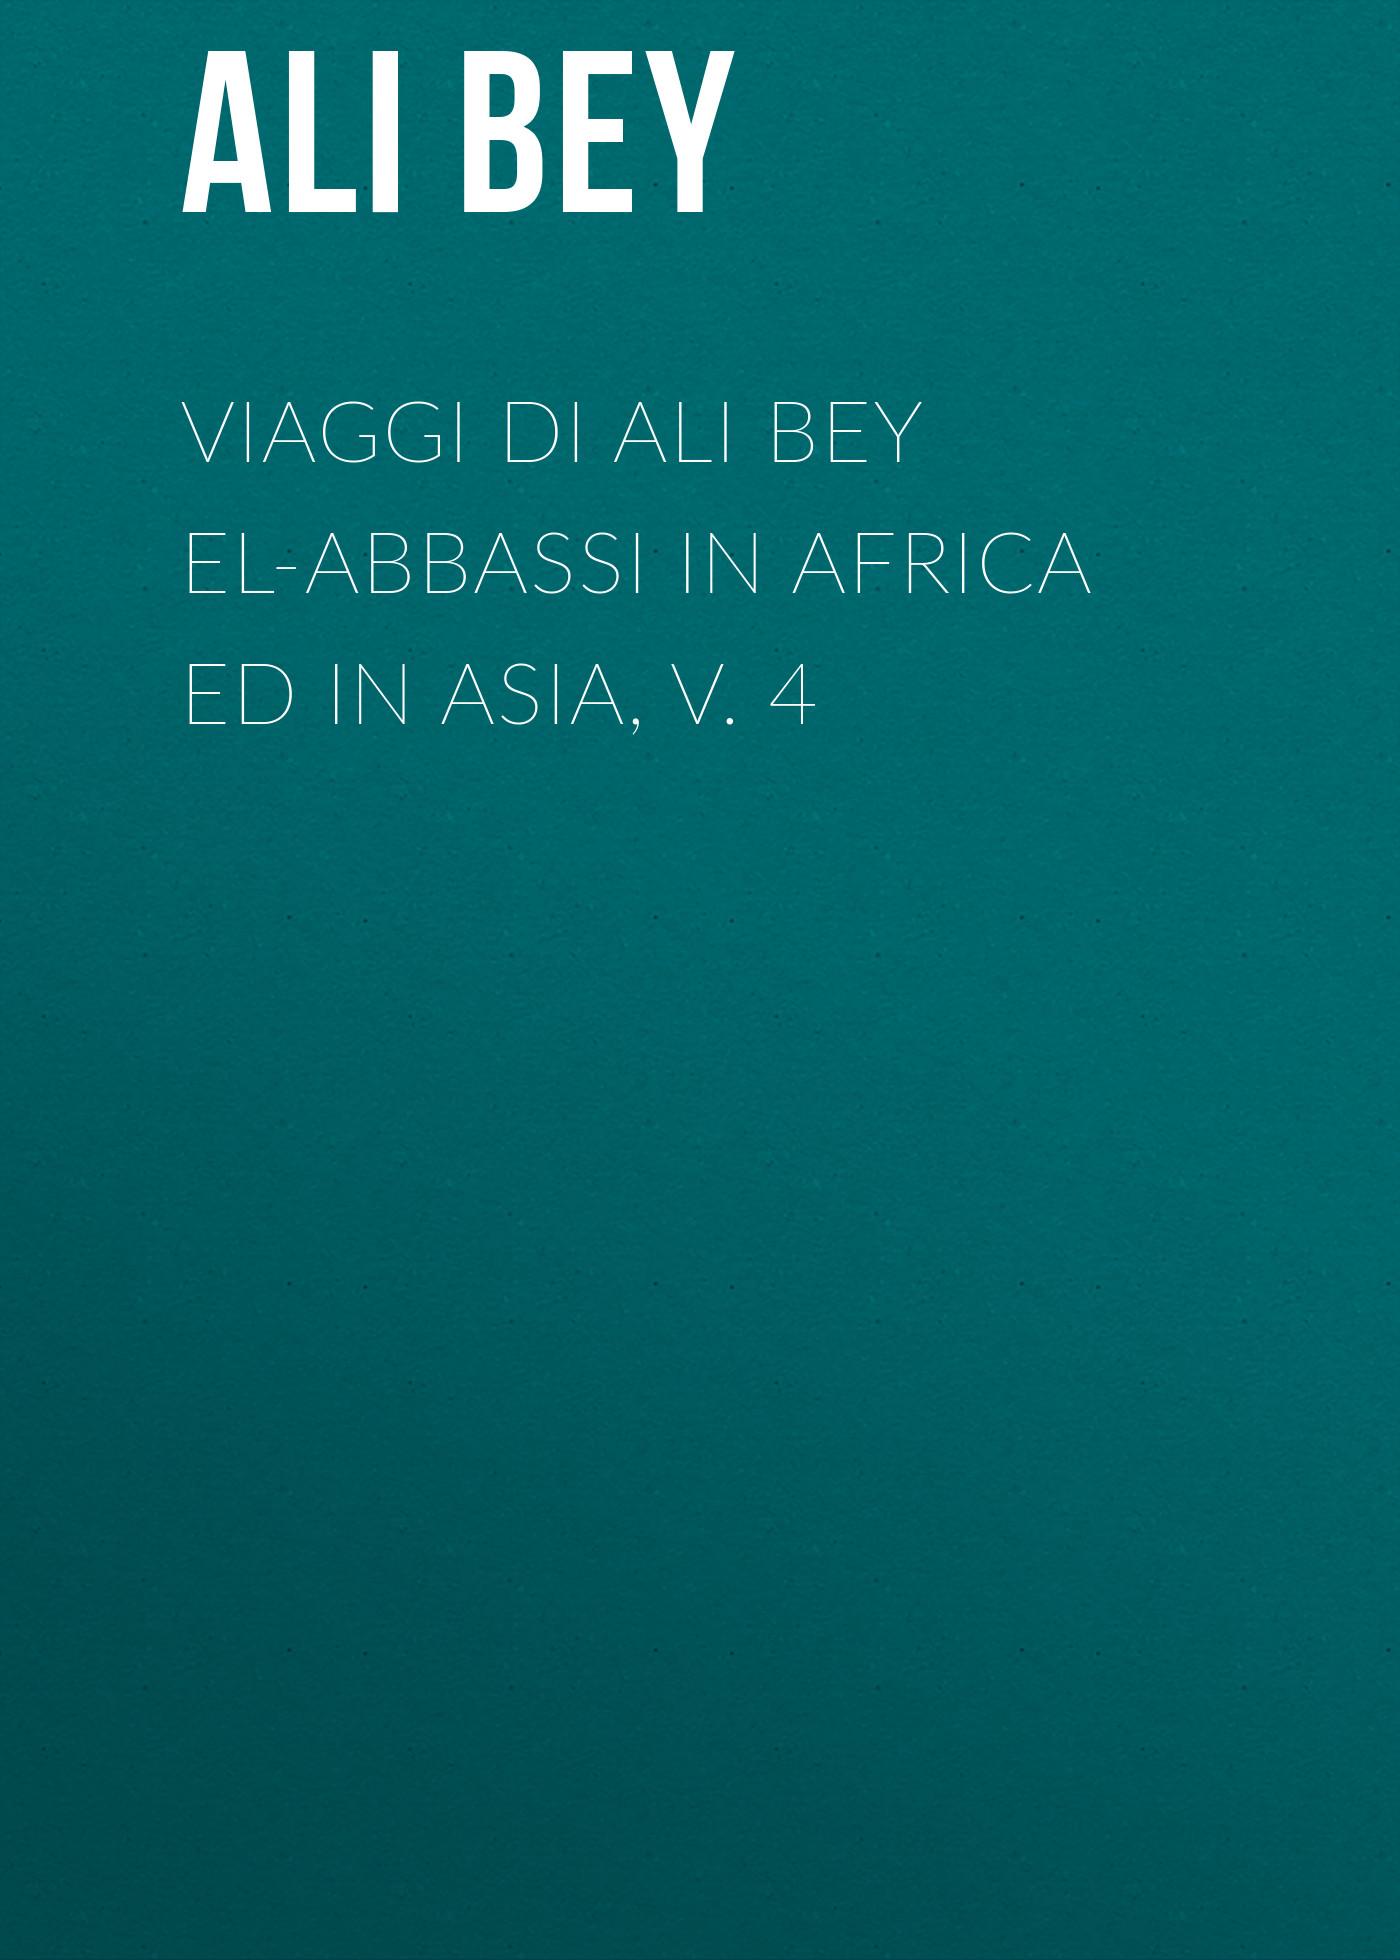 Ali Bey Viaggi di Ali Bey el-Abbassi in Africa ed in Asia, v. 4